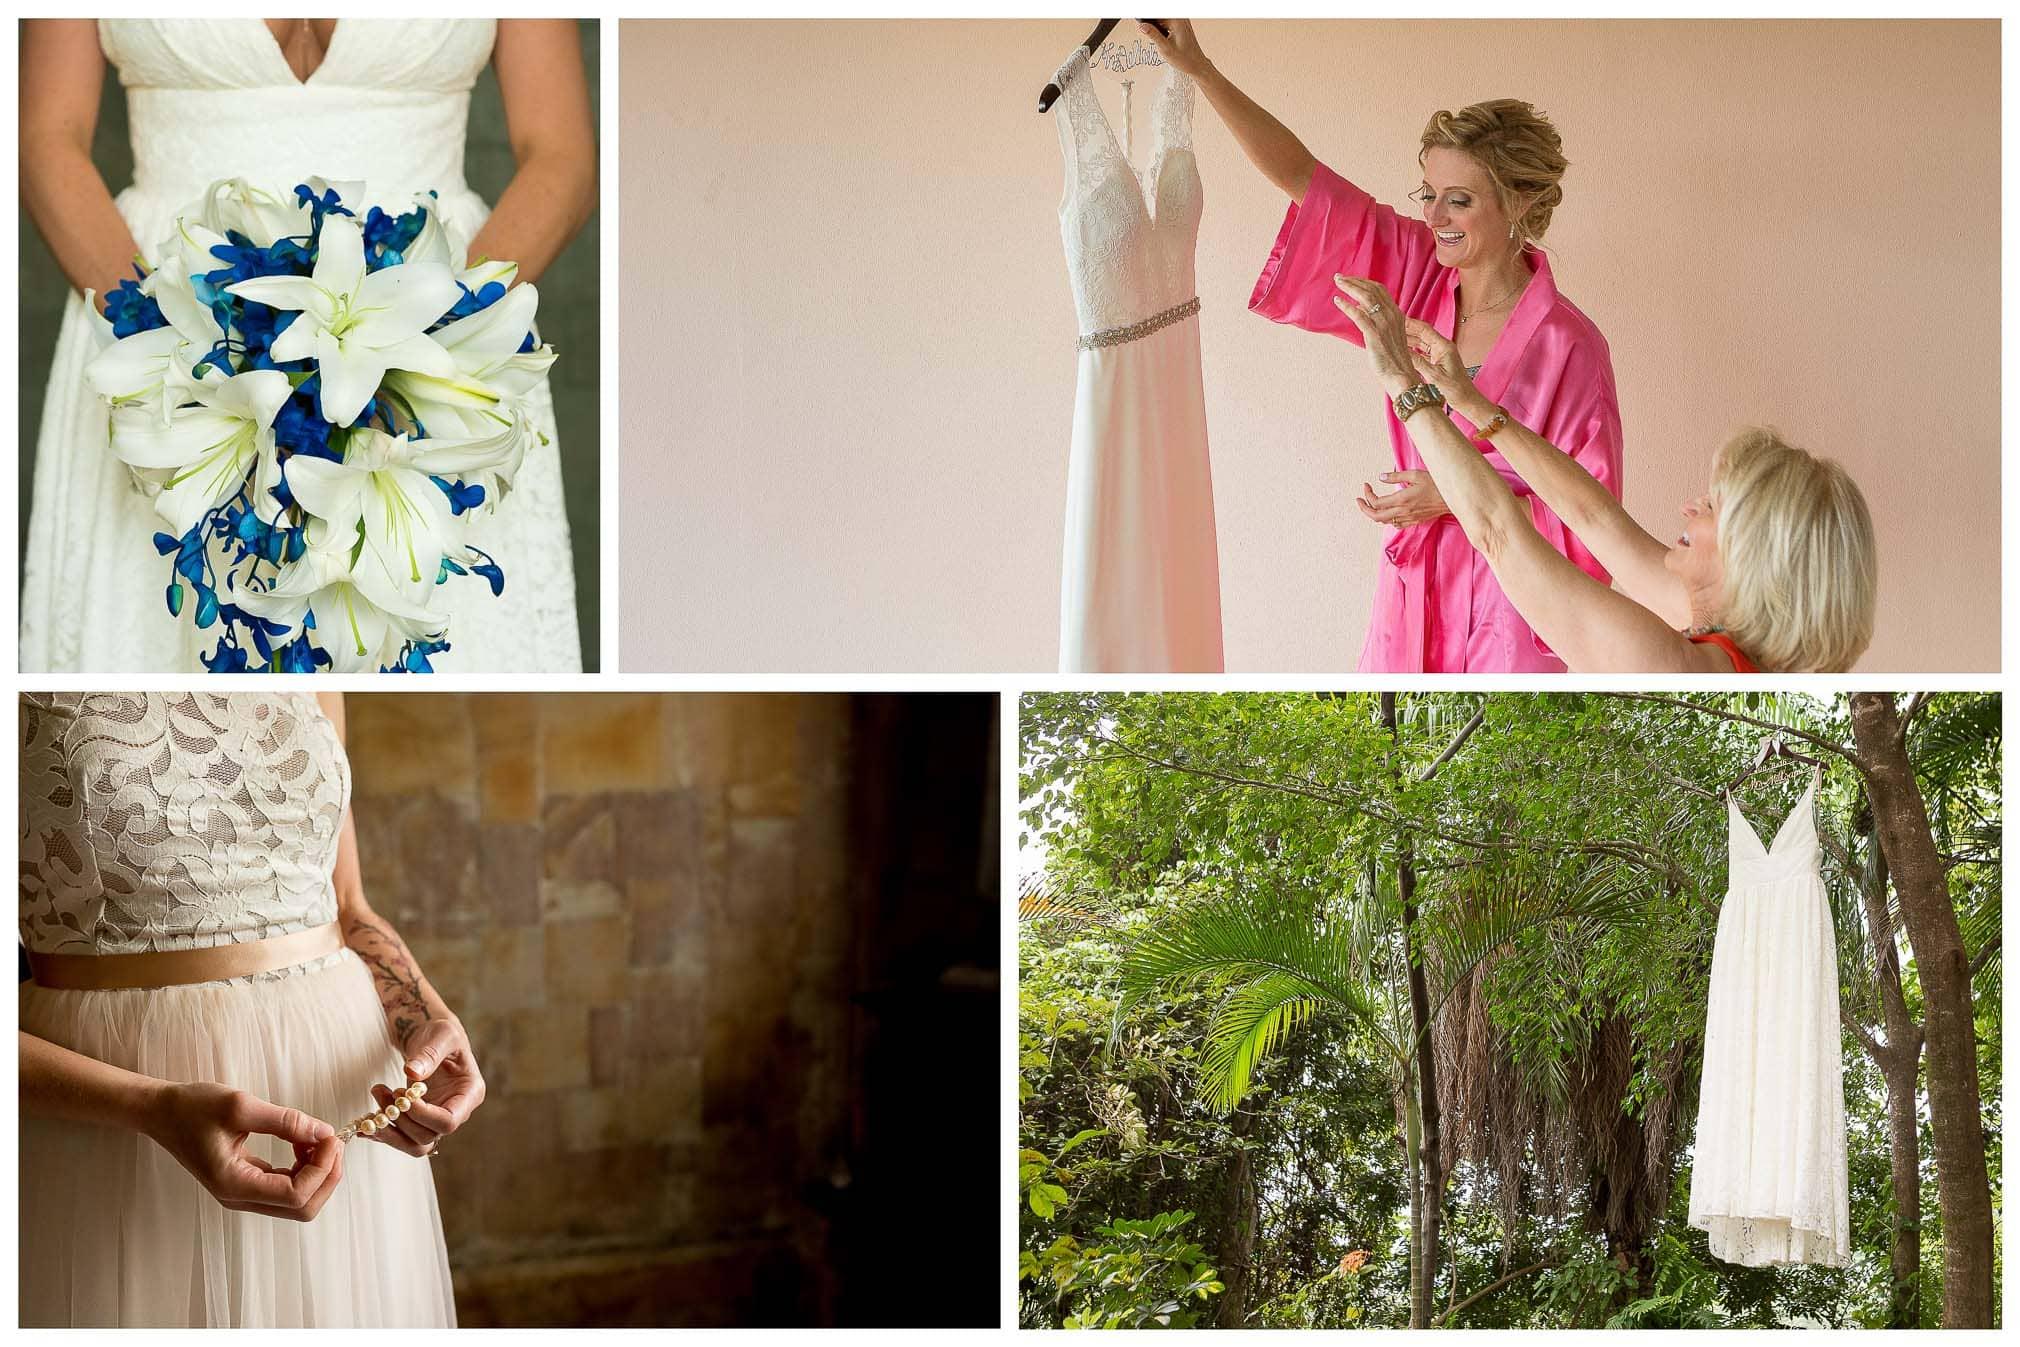 Brides getting ready in Gaia